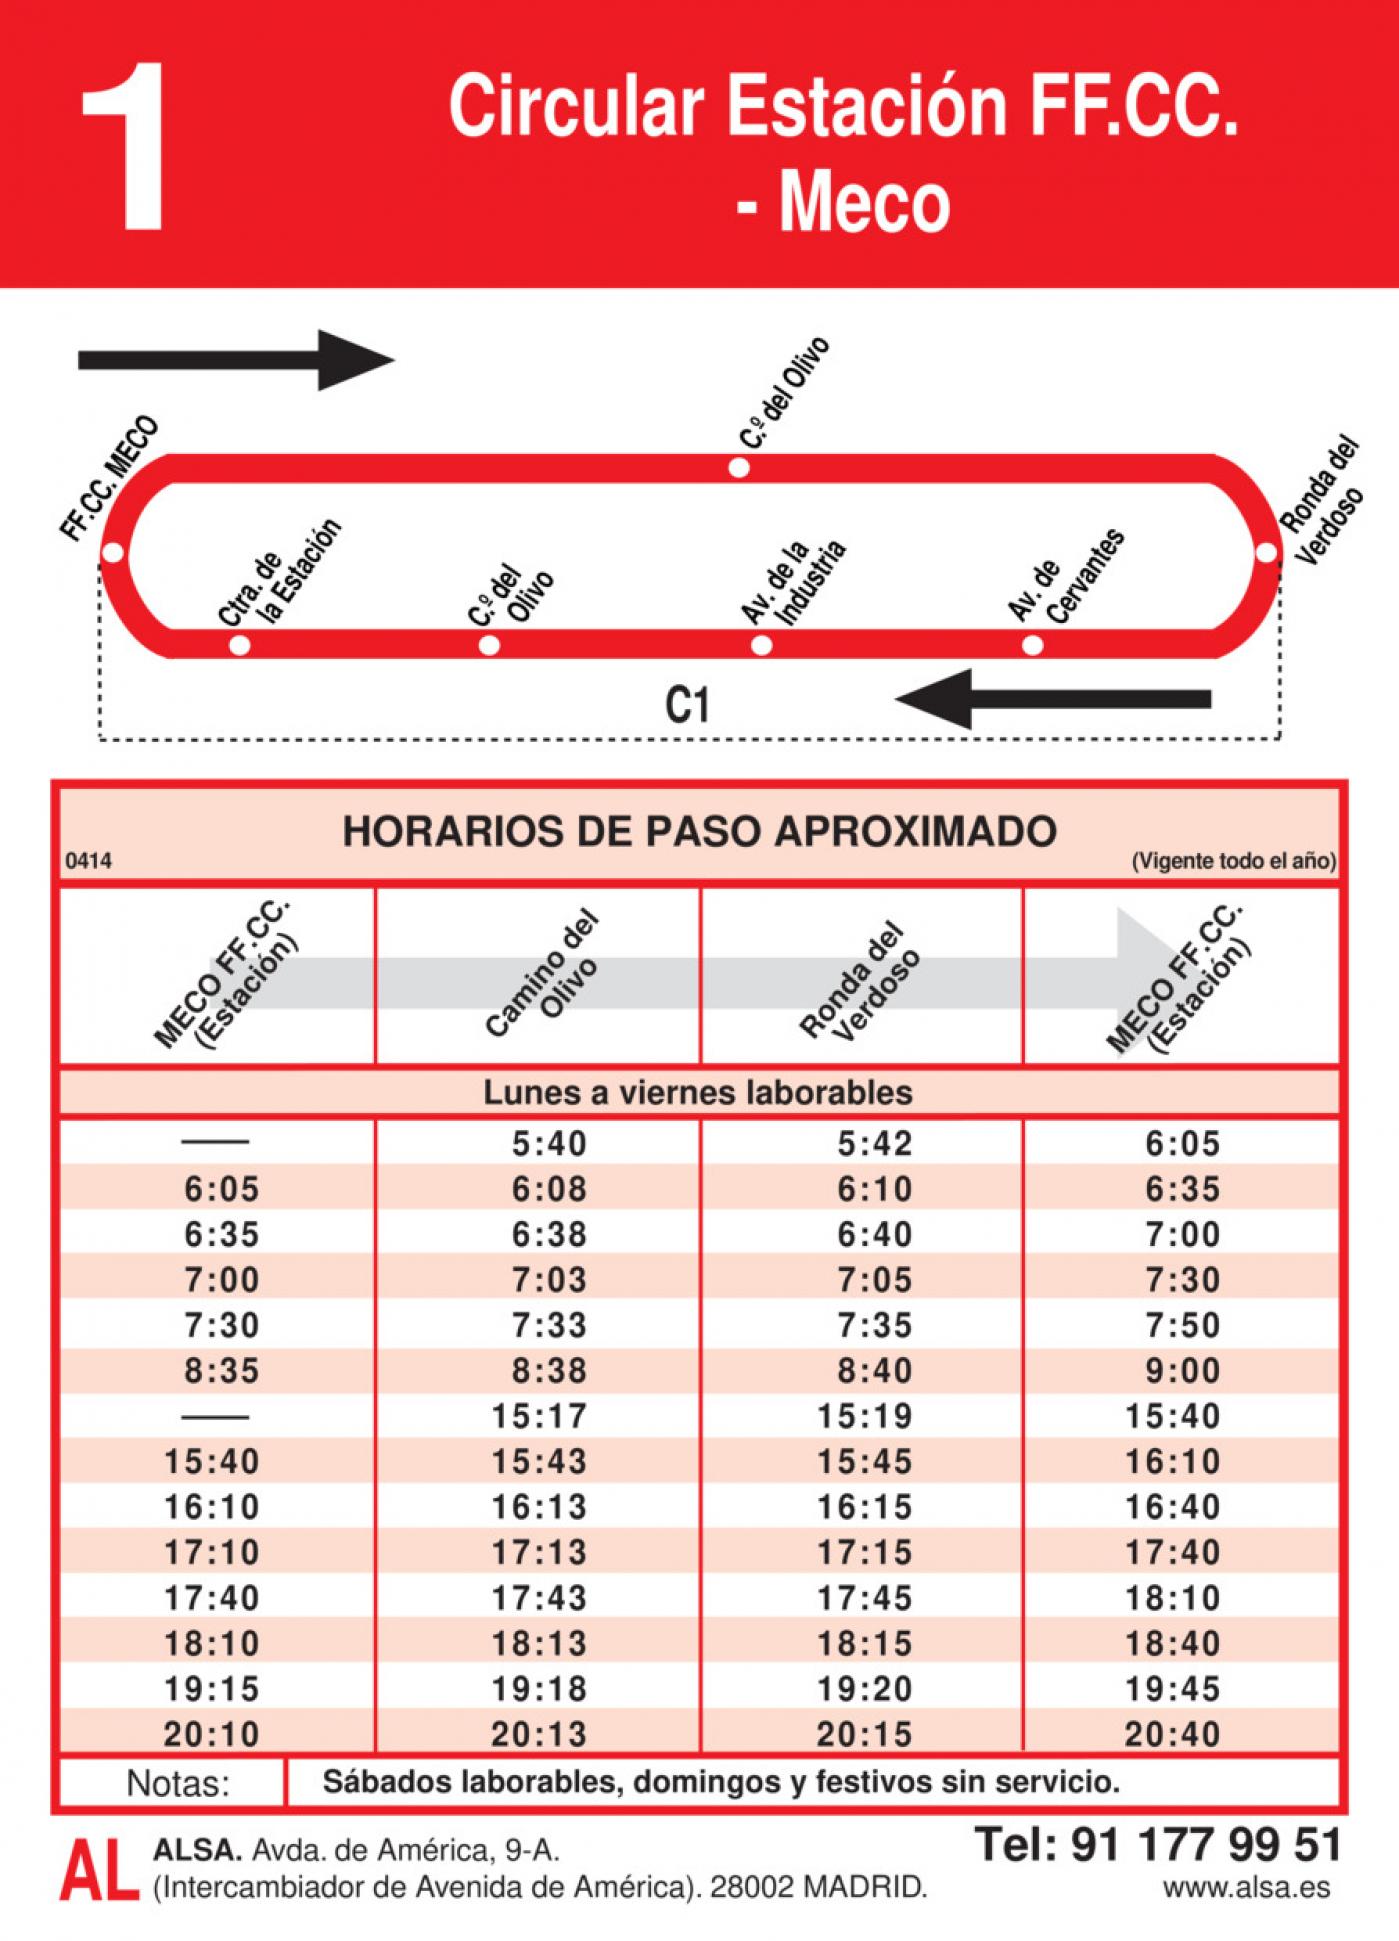 Tabla de horarios y frecuencias de paso en sentido ida Línea L-1 Meco: Estación Cercanías RENFE - Meco